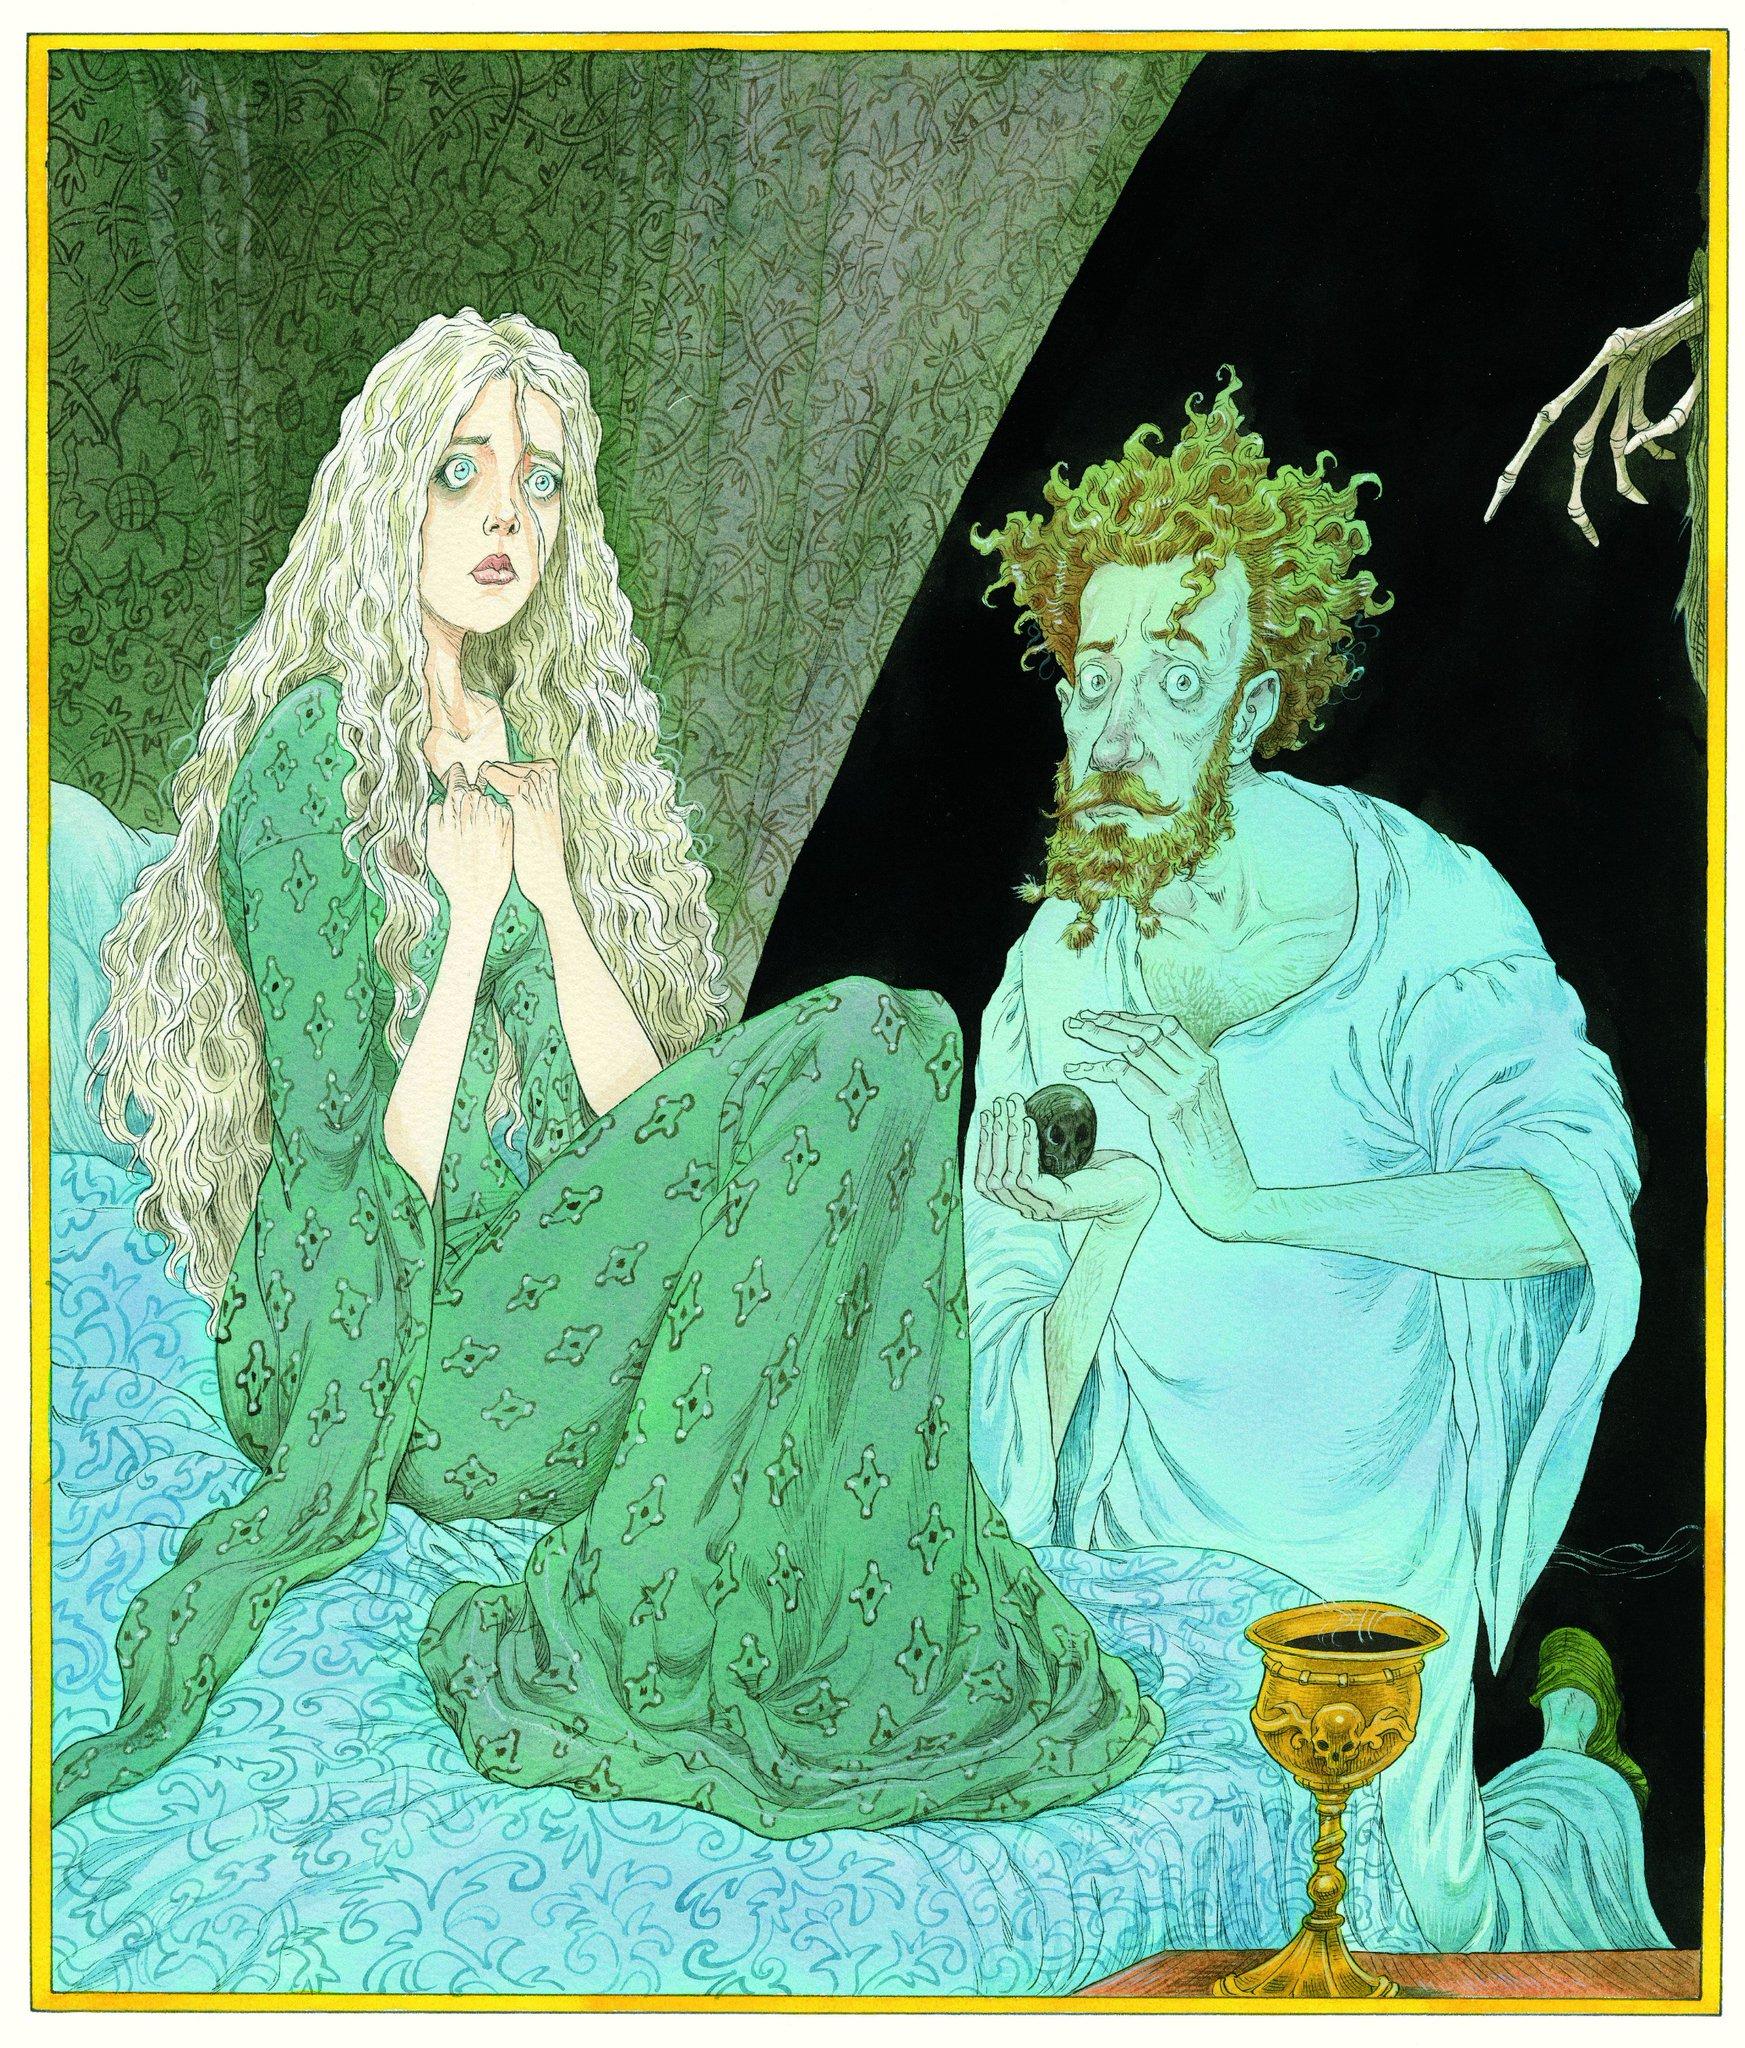 Na ilustração, vemos duas pessoas. Uma mulher, ao lado esquerdo, e um homem, do lado direito. No lado direito, perto do homem, uma mão esquelética parece se aproximar do homem. Neste desenho, a mulher tem olhos muito azuis e parece estar assustada. Ela é loira e tem cabelos longuíssimos, usa um vestido verde com estampa de algum tipo de flor. Ela está sentada no que parece ser uma cama. O homem parece estar olhando para frente (na direção de quem está vendo a imagem). Ele segura uma pedra que parece lembrar um crânio, ou é a luz que está fazendo isso parecer. Ele usa uma camisola enorme, é ruivo, também está assustado e está ajoelhado em frente à cama. Mais à frente, vemos um cálice dourado com um líquido escuro.